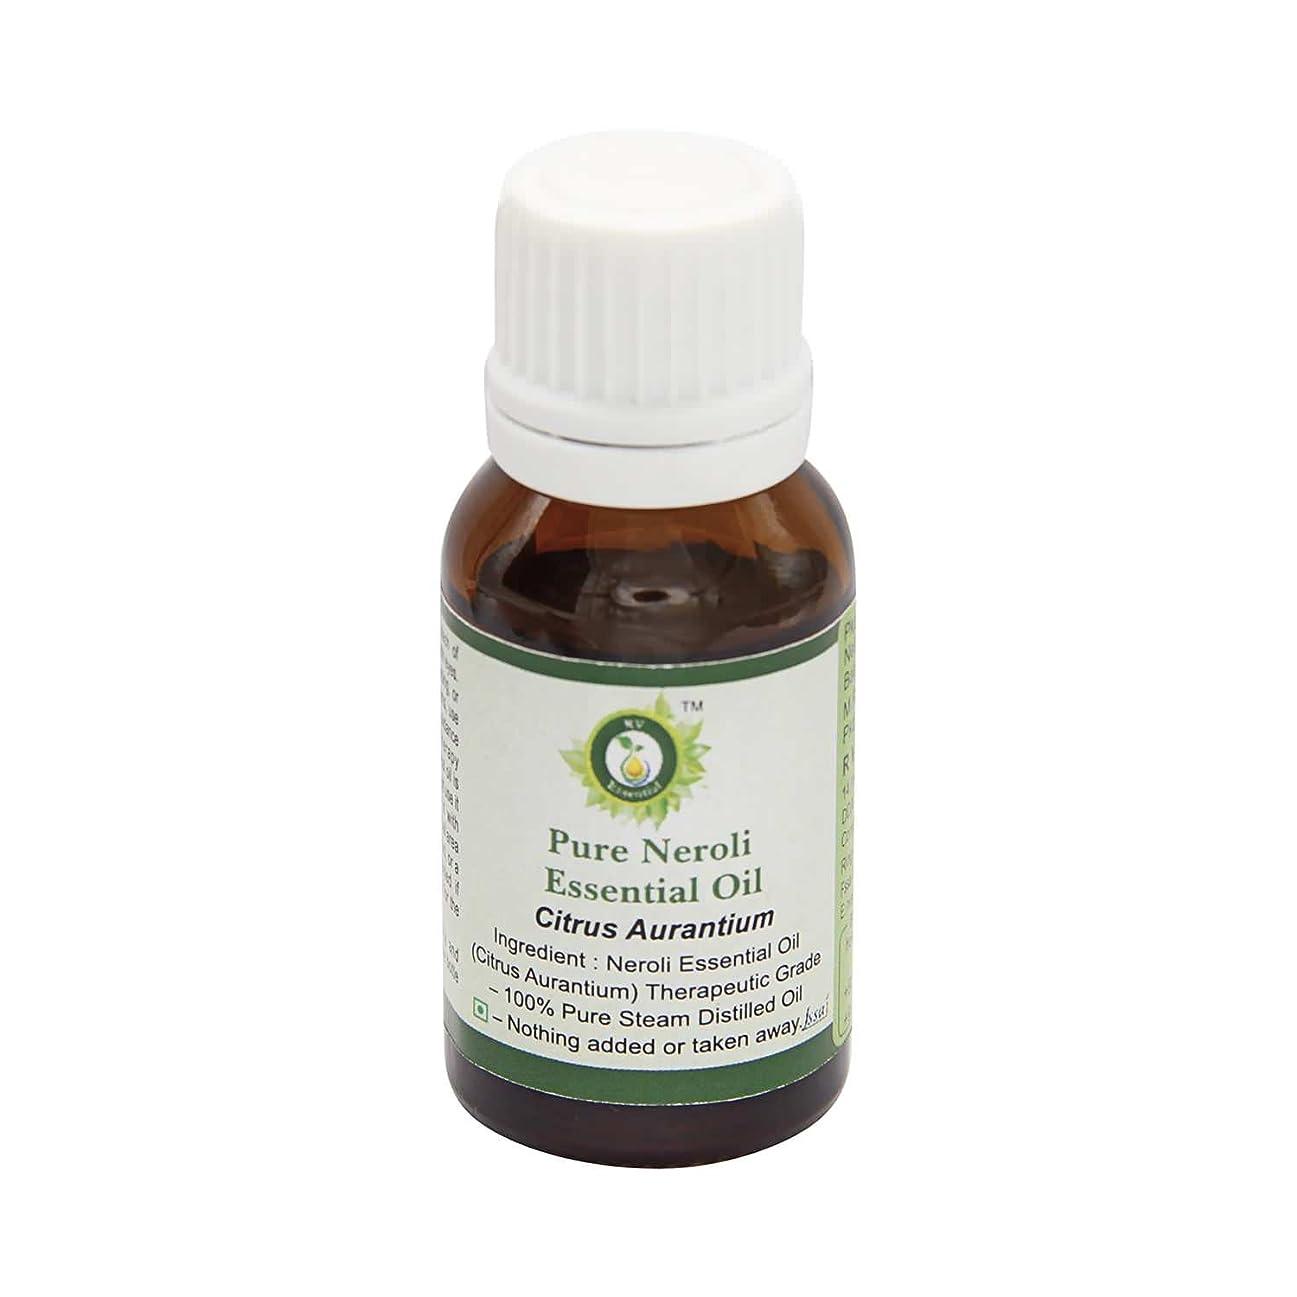 タイプ引っ張る食料品店R V Essential ピュアネロリエッセンシャルオイル10ml (0.338oz)- Citrus Aurantium (100%純粋&天然スチームDistilled) Pure Neroli Essential Oil